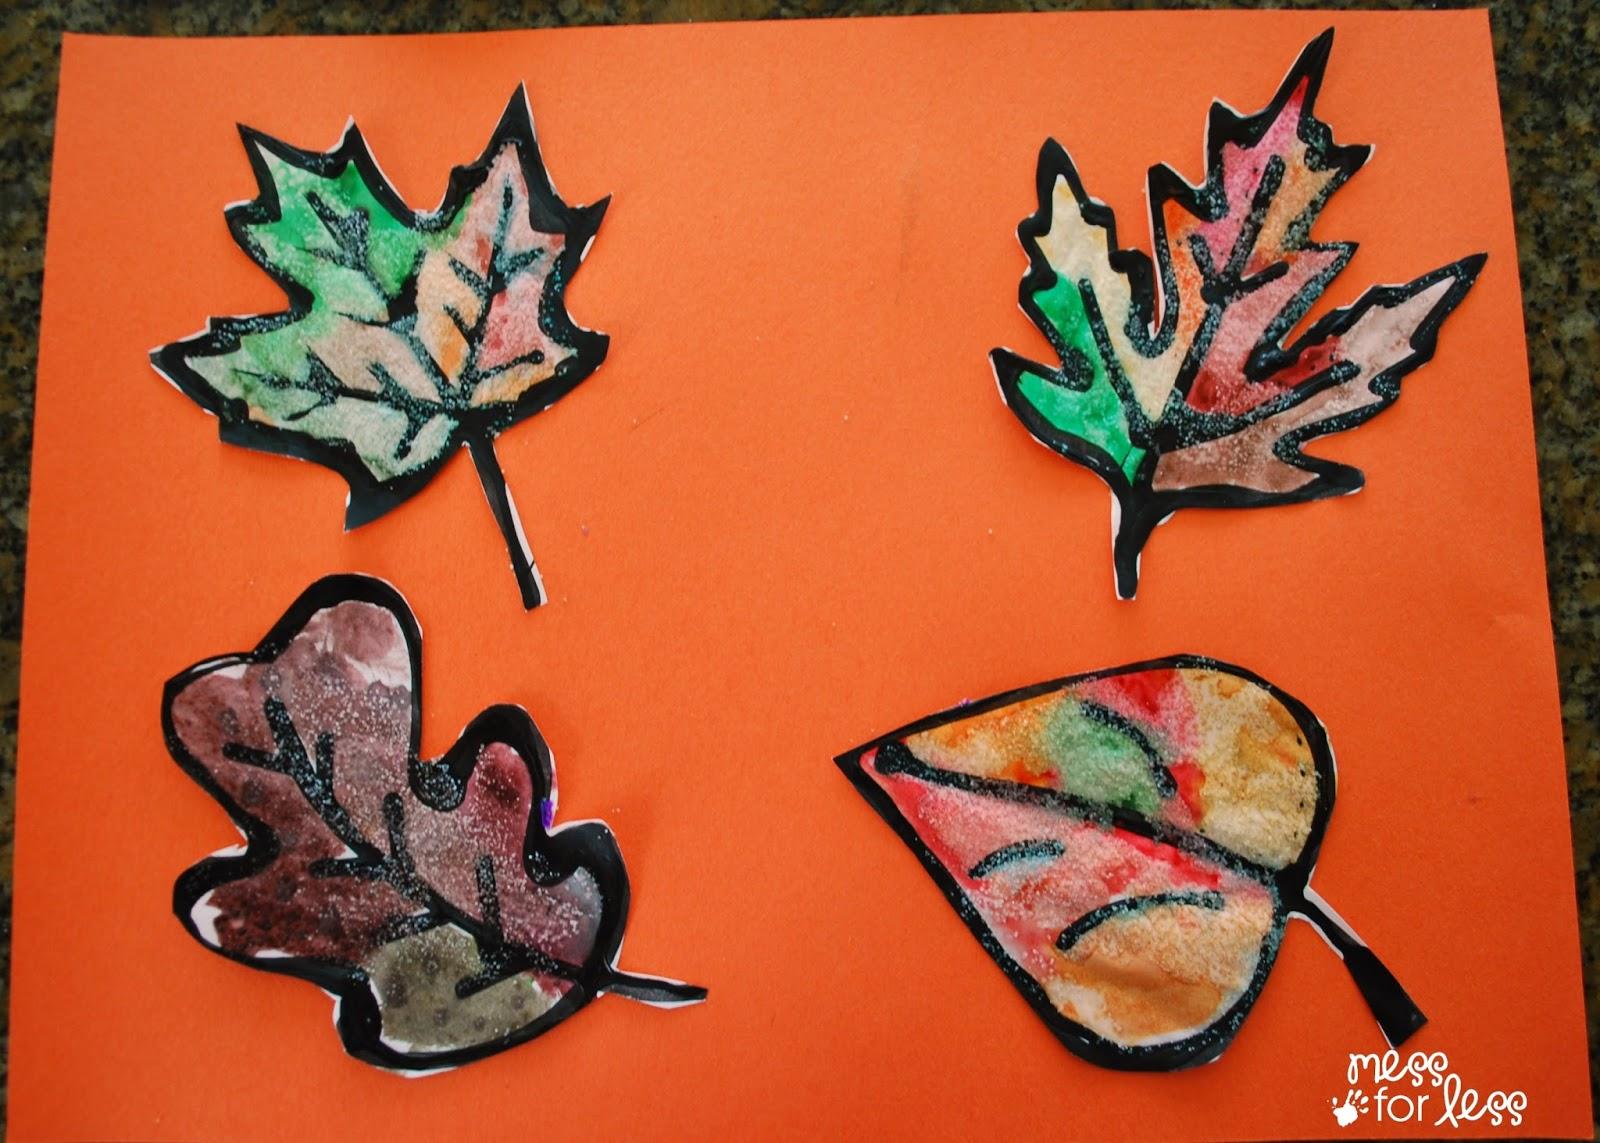 Black Glue And Salt Leaves